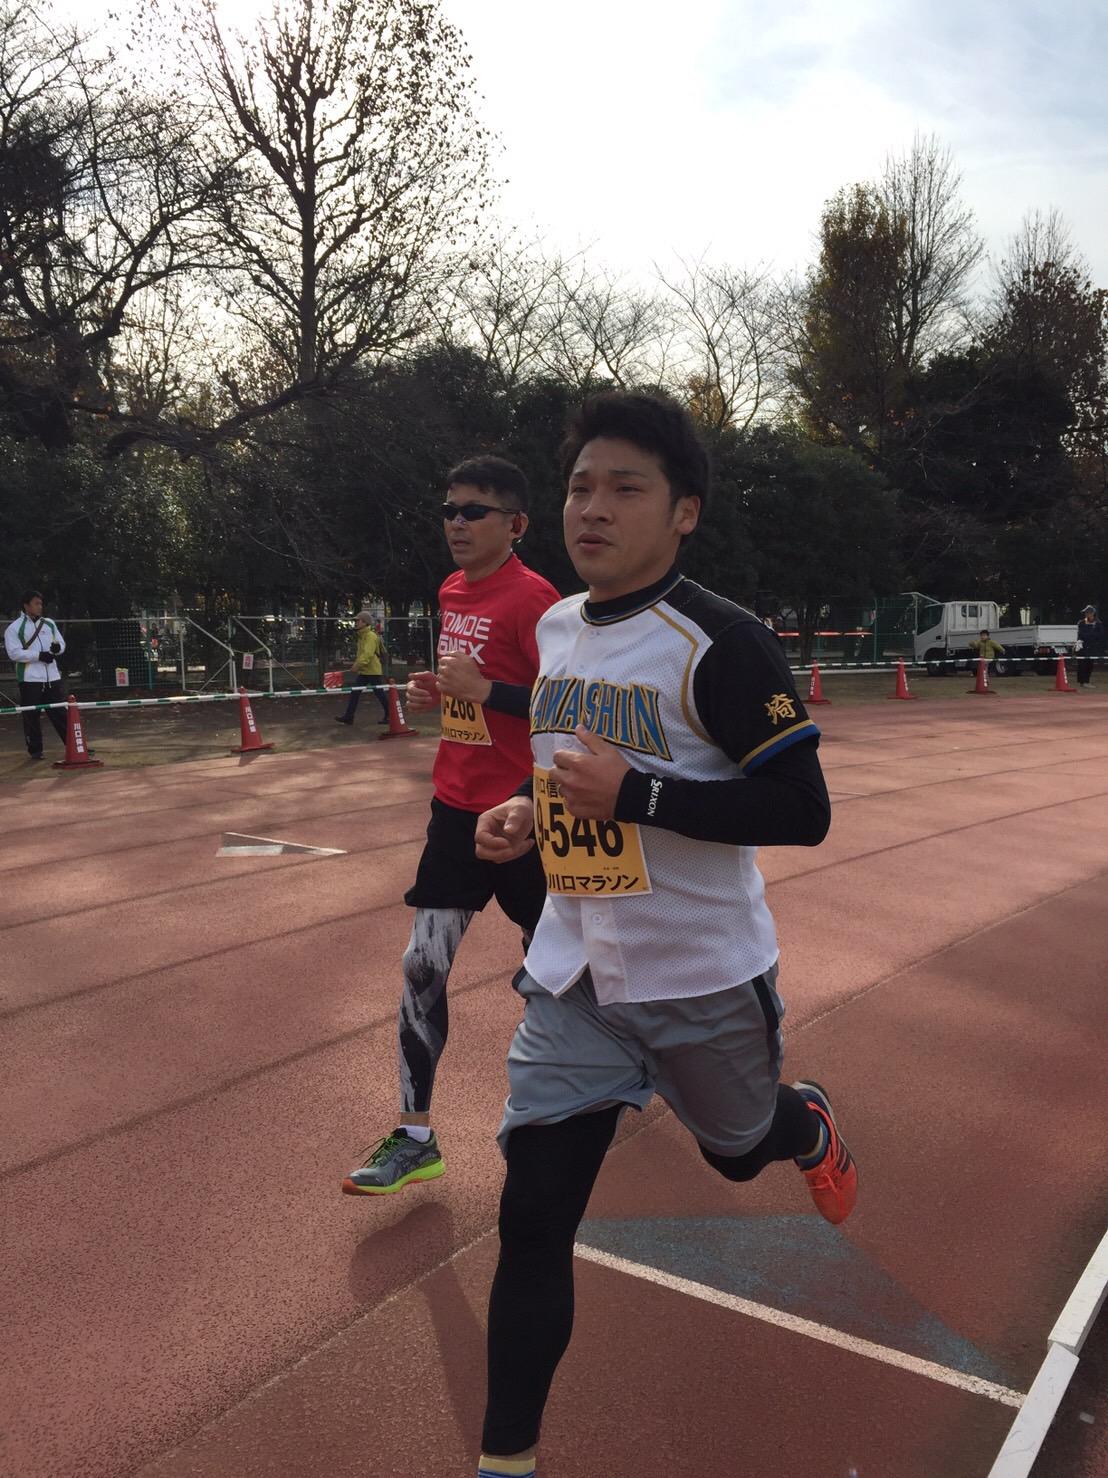 第35回川口マラソン大会_e0164638_16244955.jpg